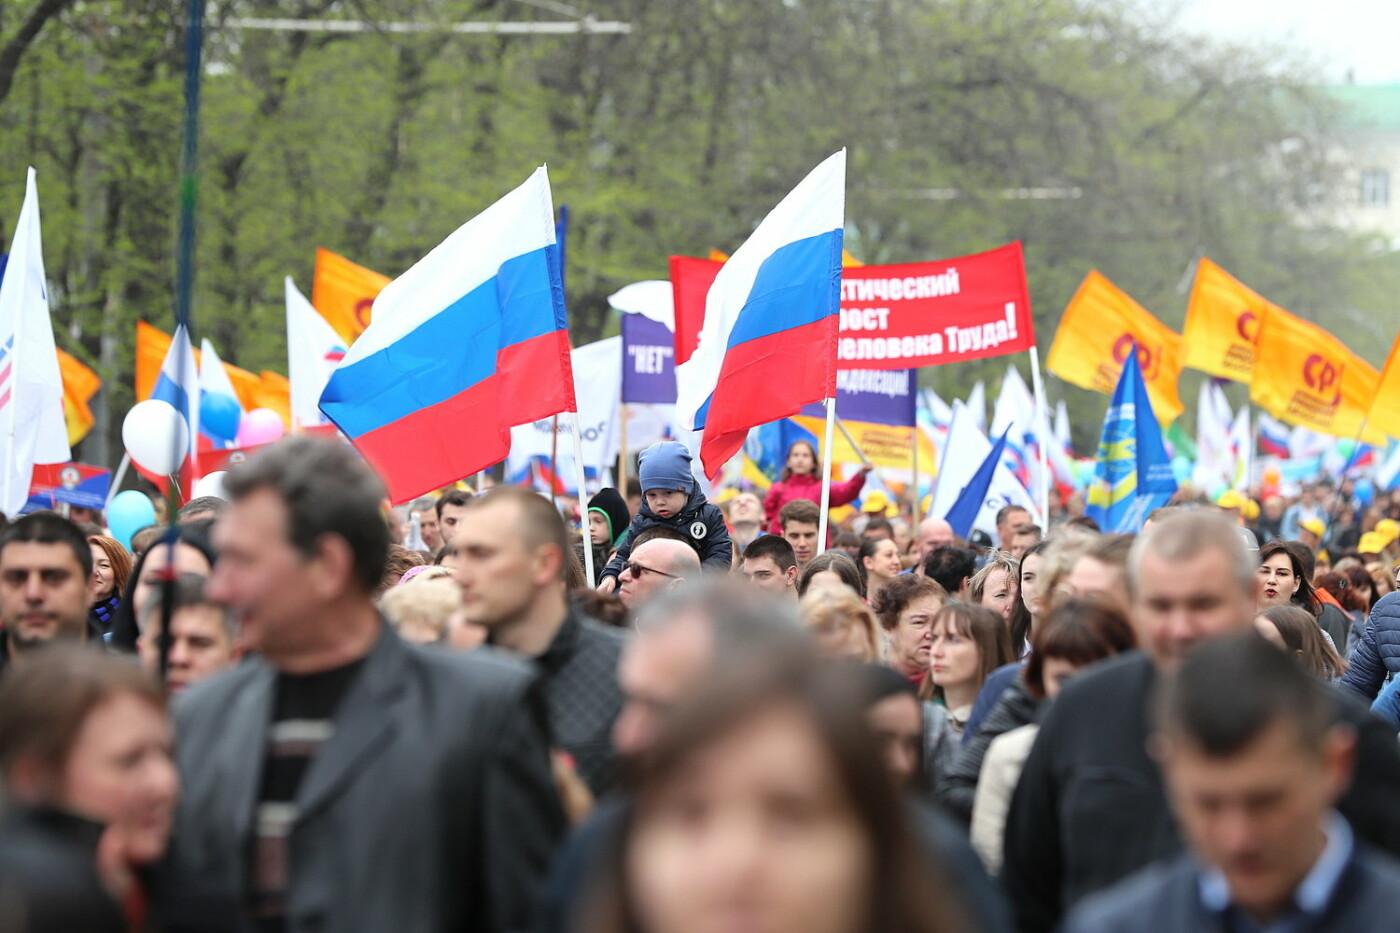 Против социального фашизма, за свободный интернет:  самые яркие лозунги Первомая в Ростове, фото-1